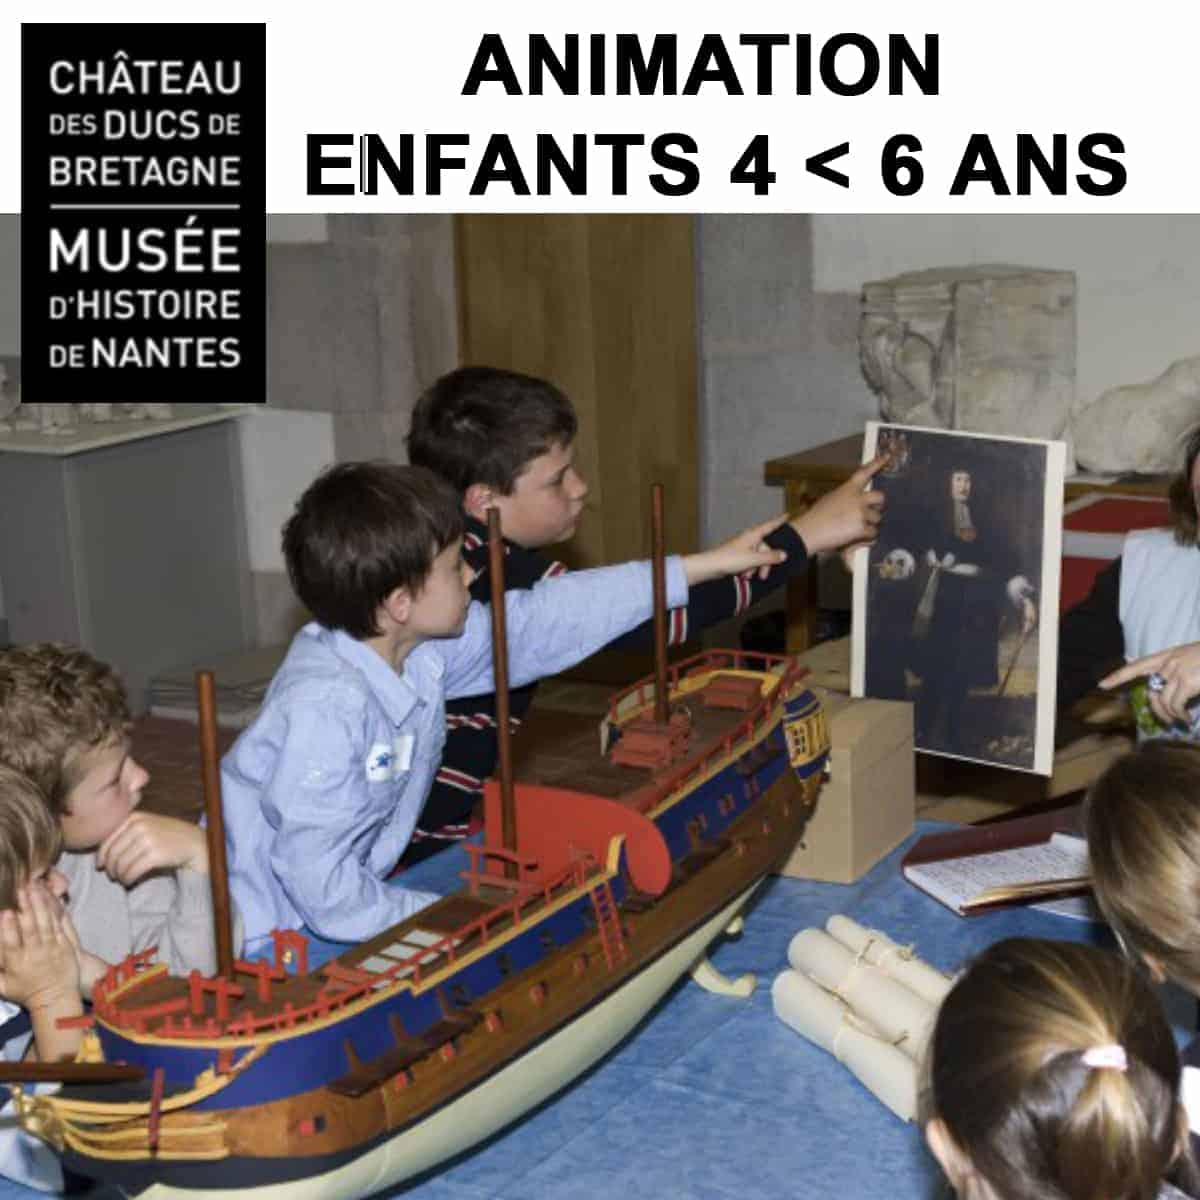 nantes-ANIMATION-CHATEAU-ENFANT-4-6-ANS